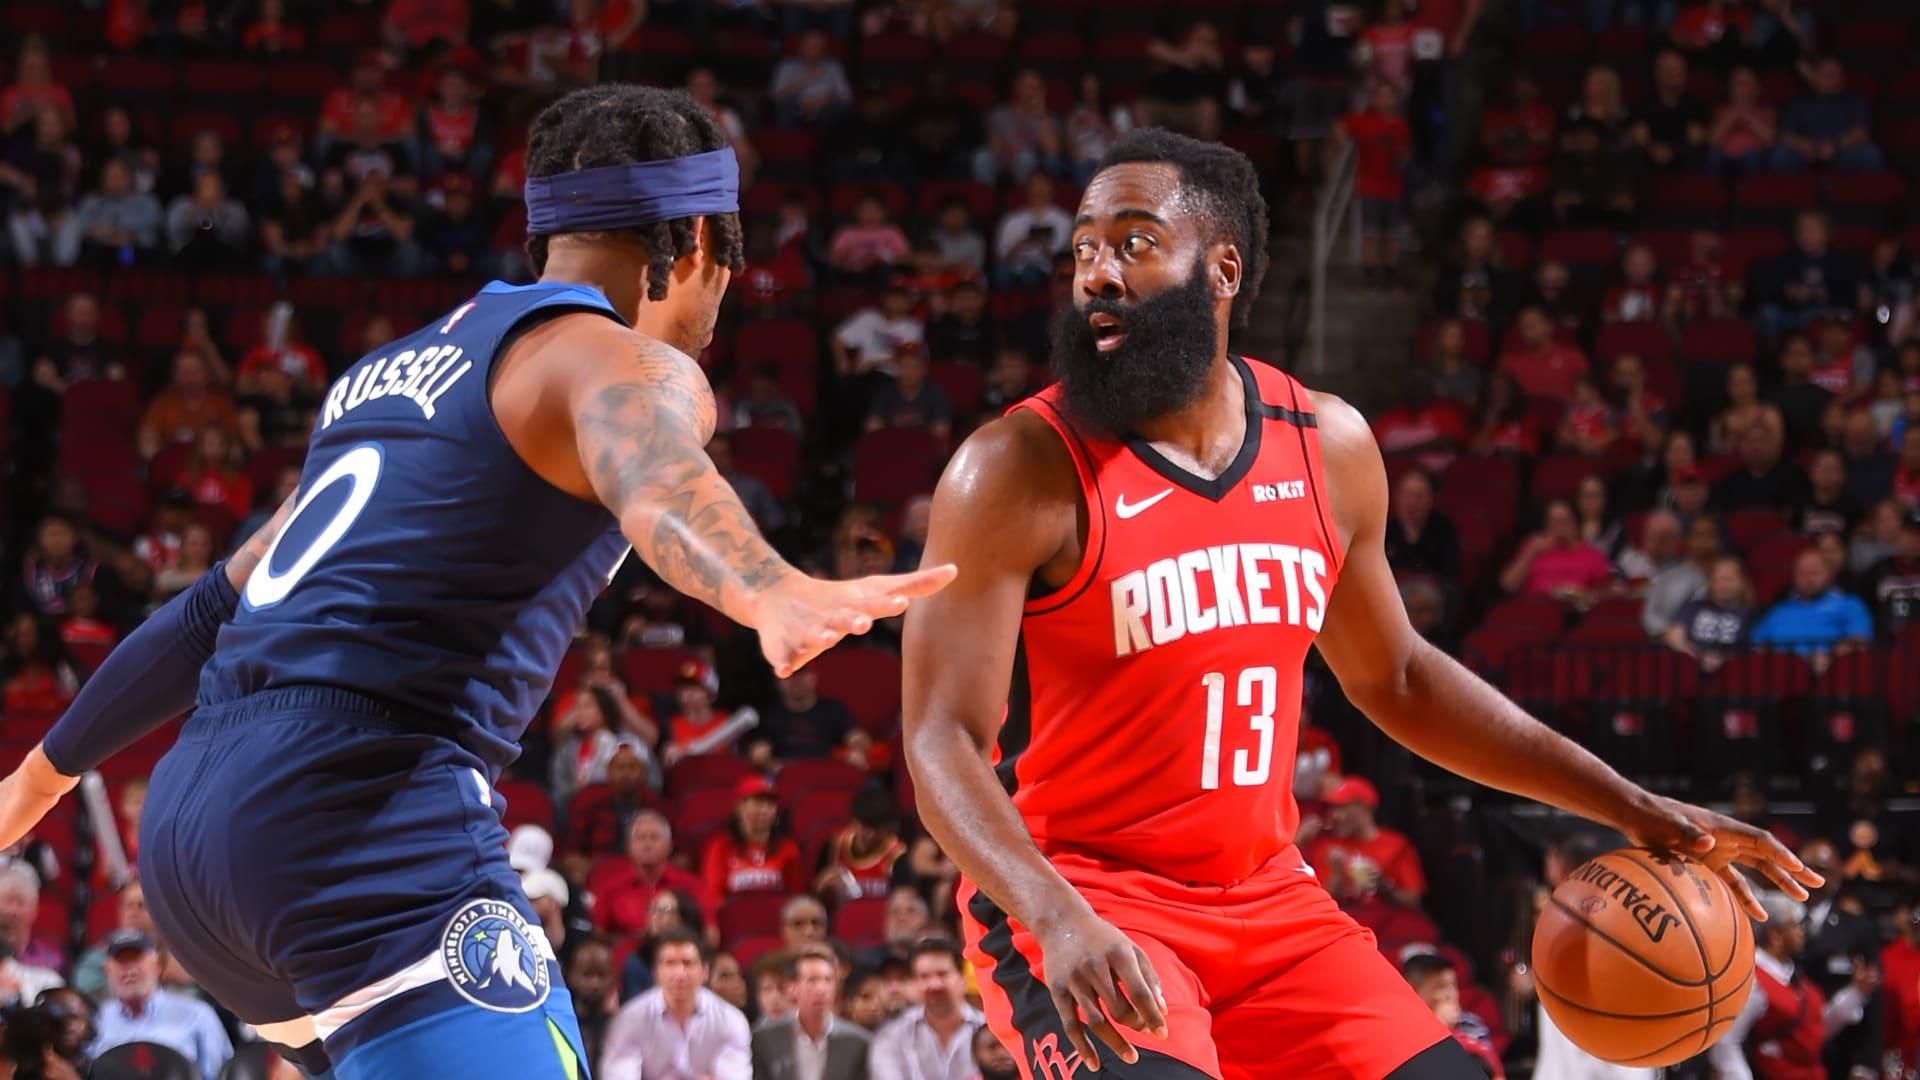 Timberwolves @ Rockets